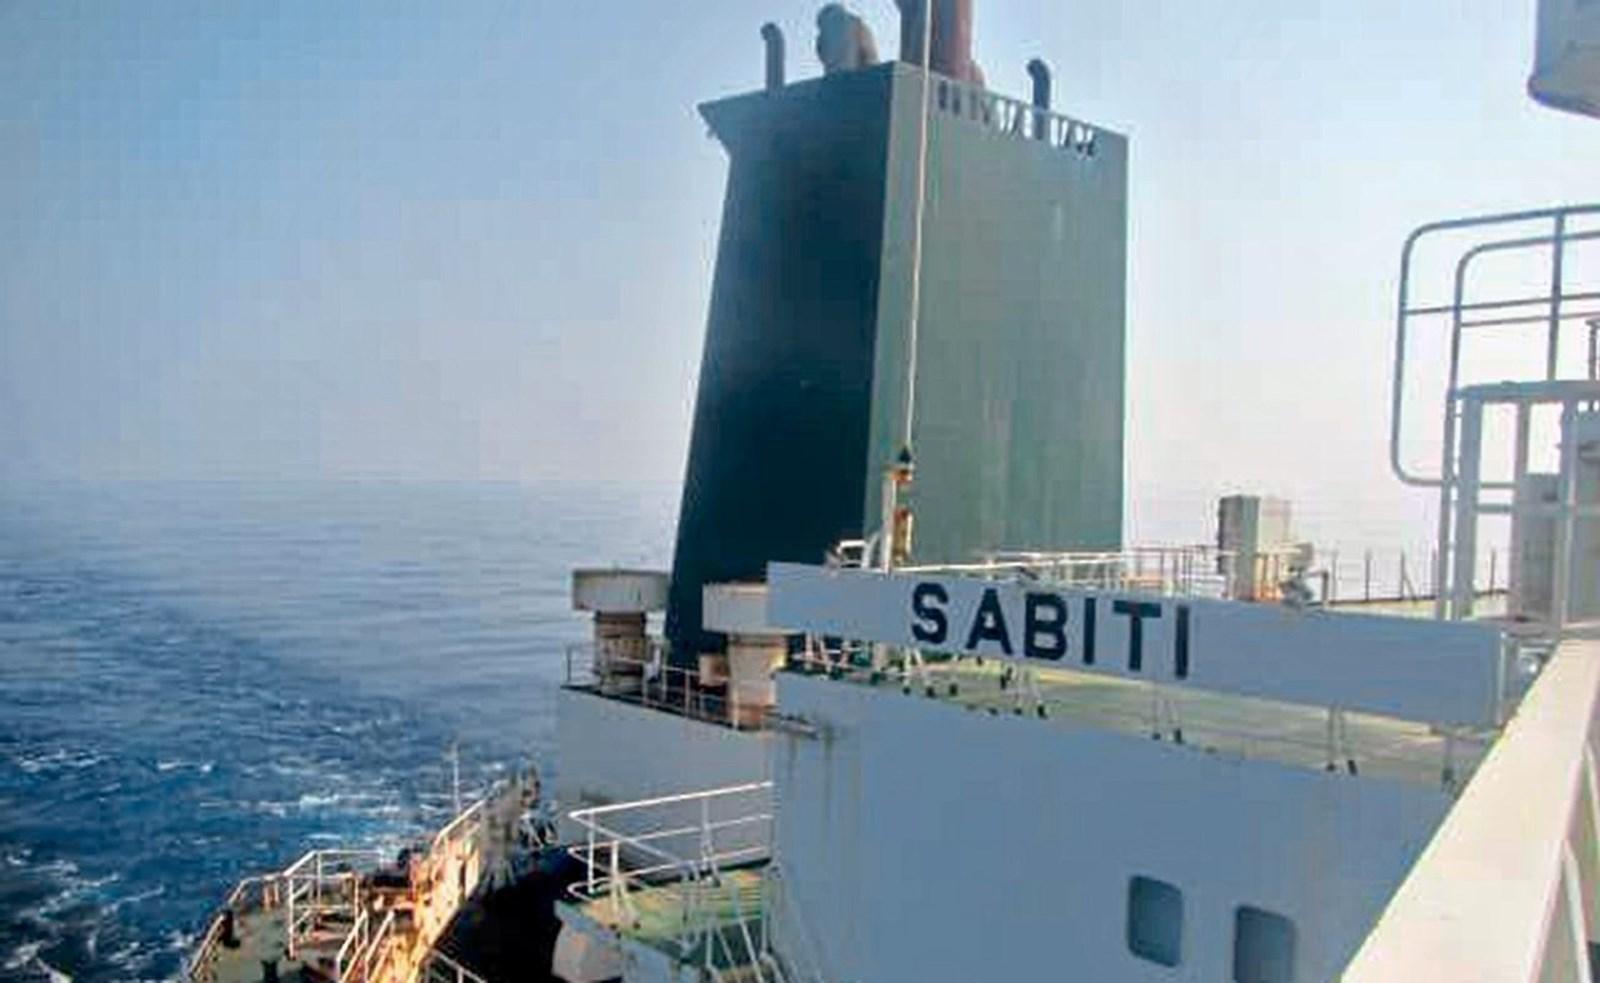 Angeblicher Raketenangriff auf iranischen Tanker, Ölpreis steigt – derStandard.at